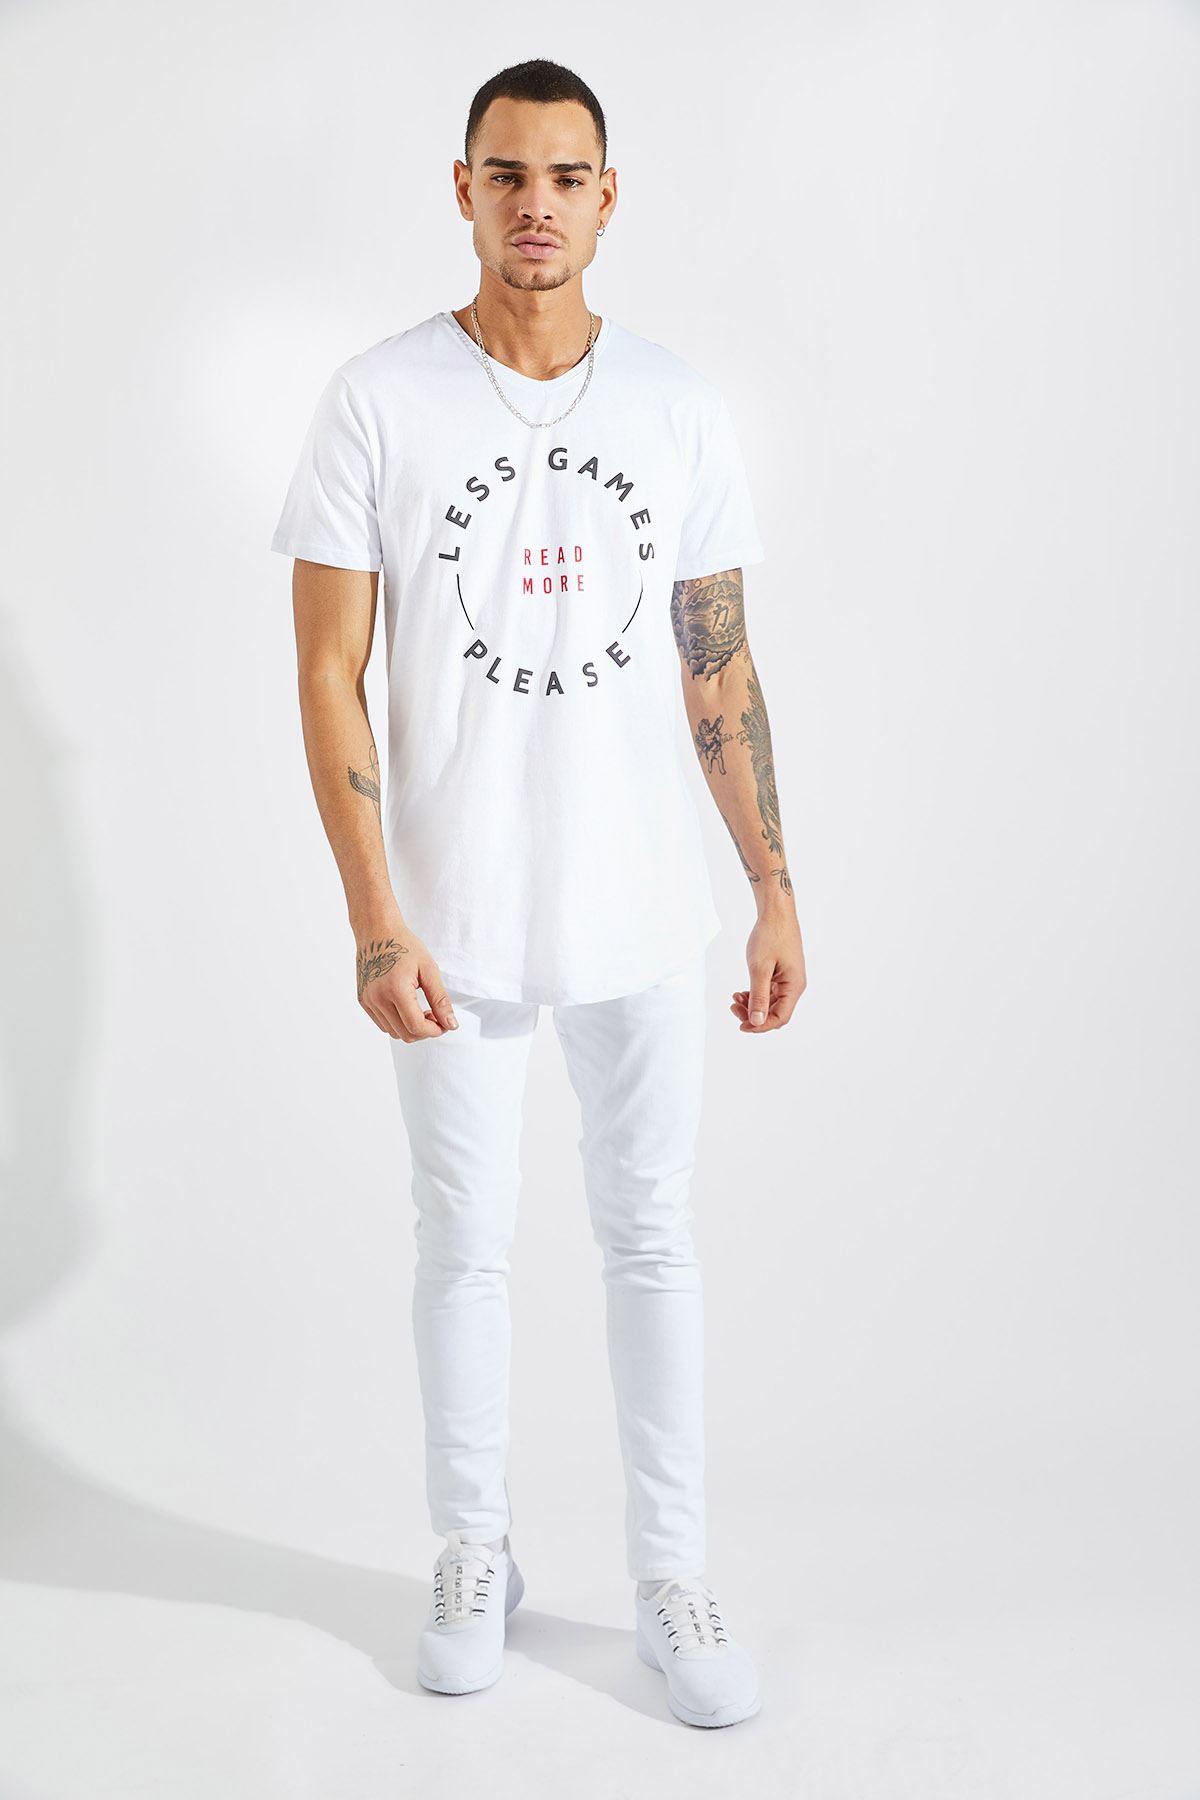 Erkek V Yaka Less Games Baskılı Beyaz Tişört